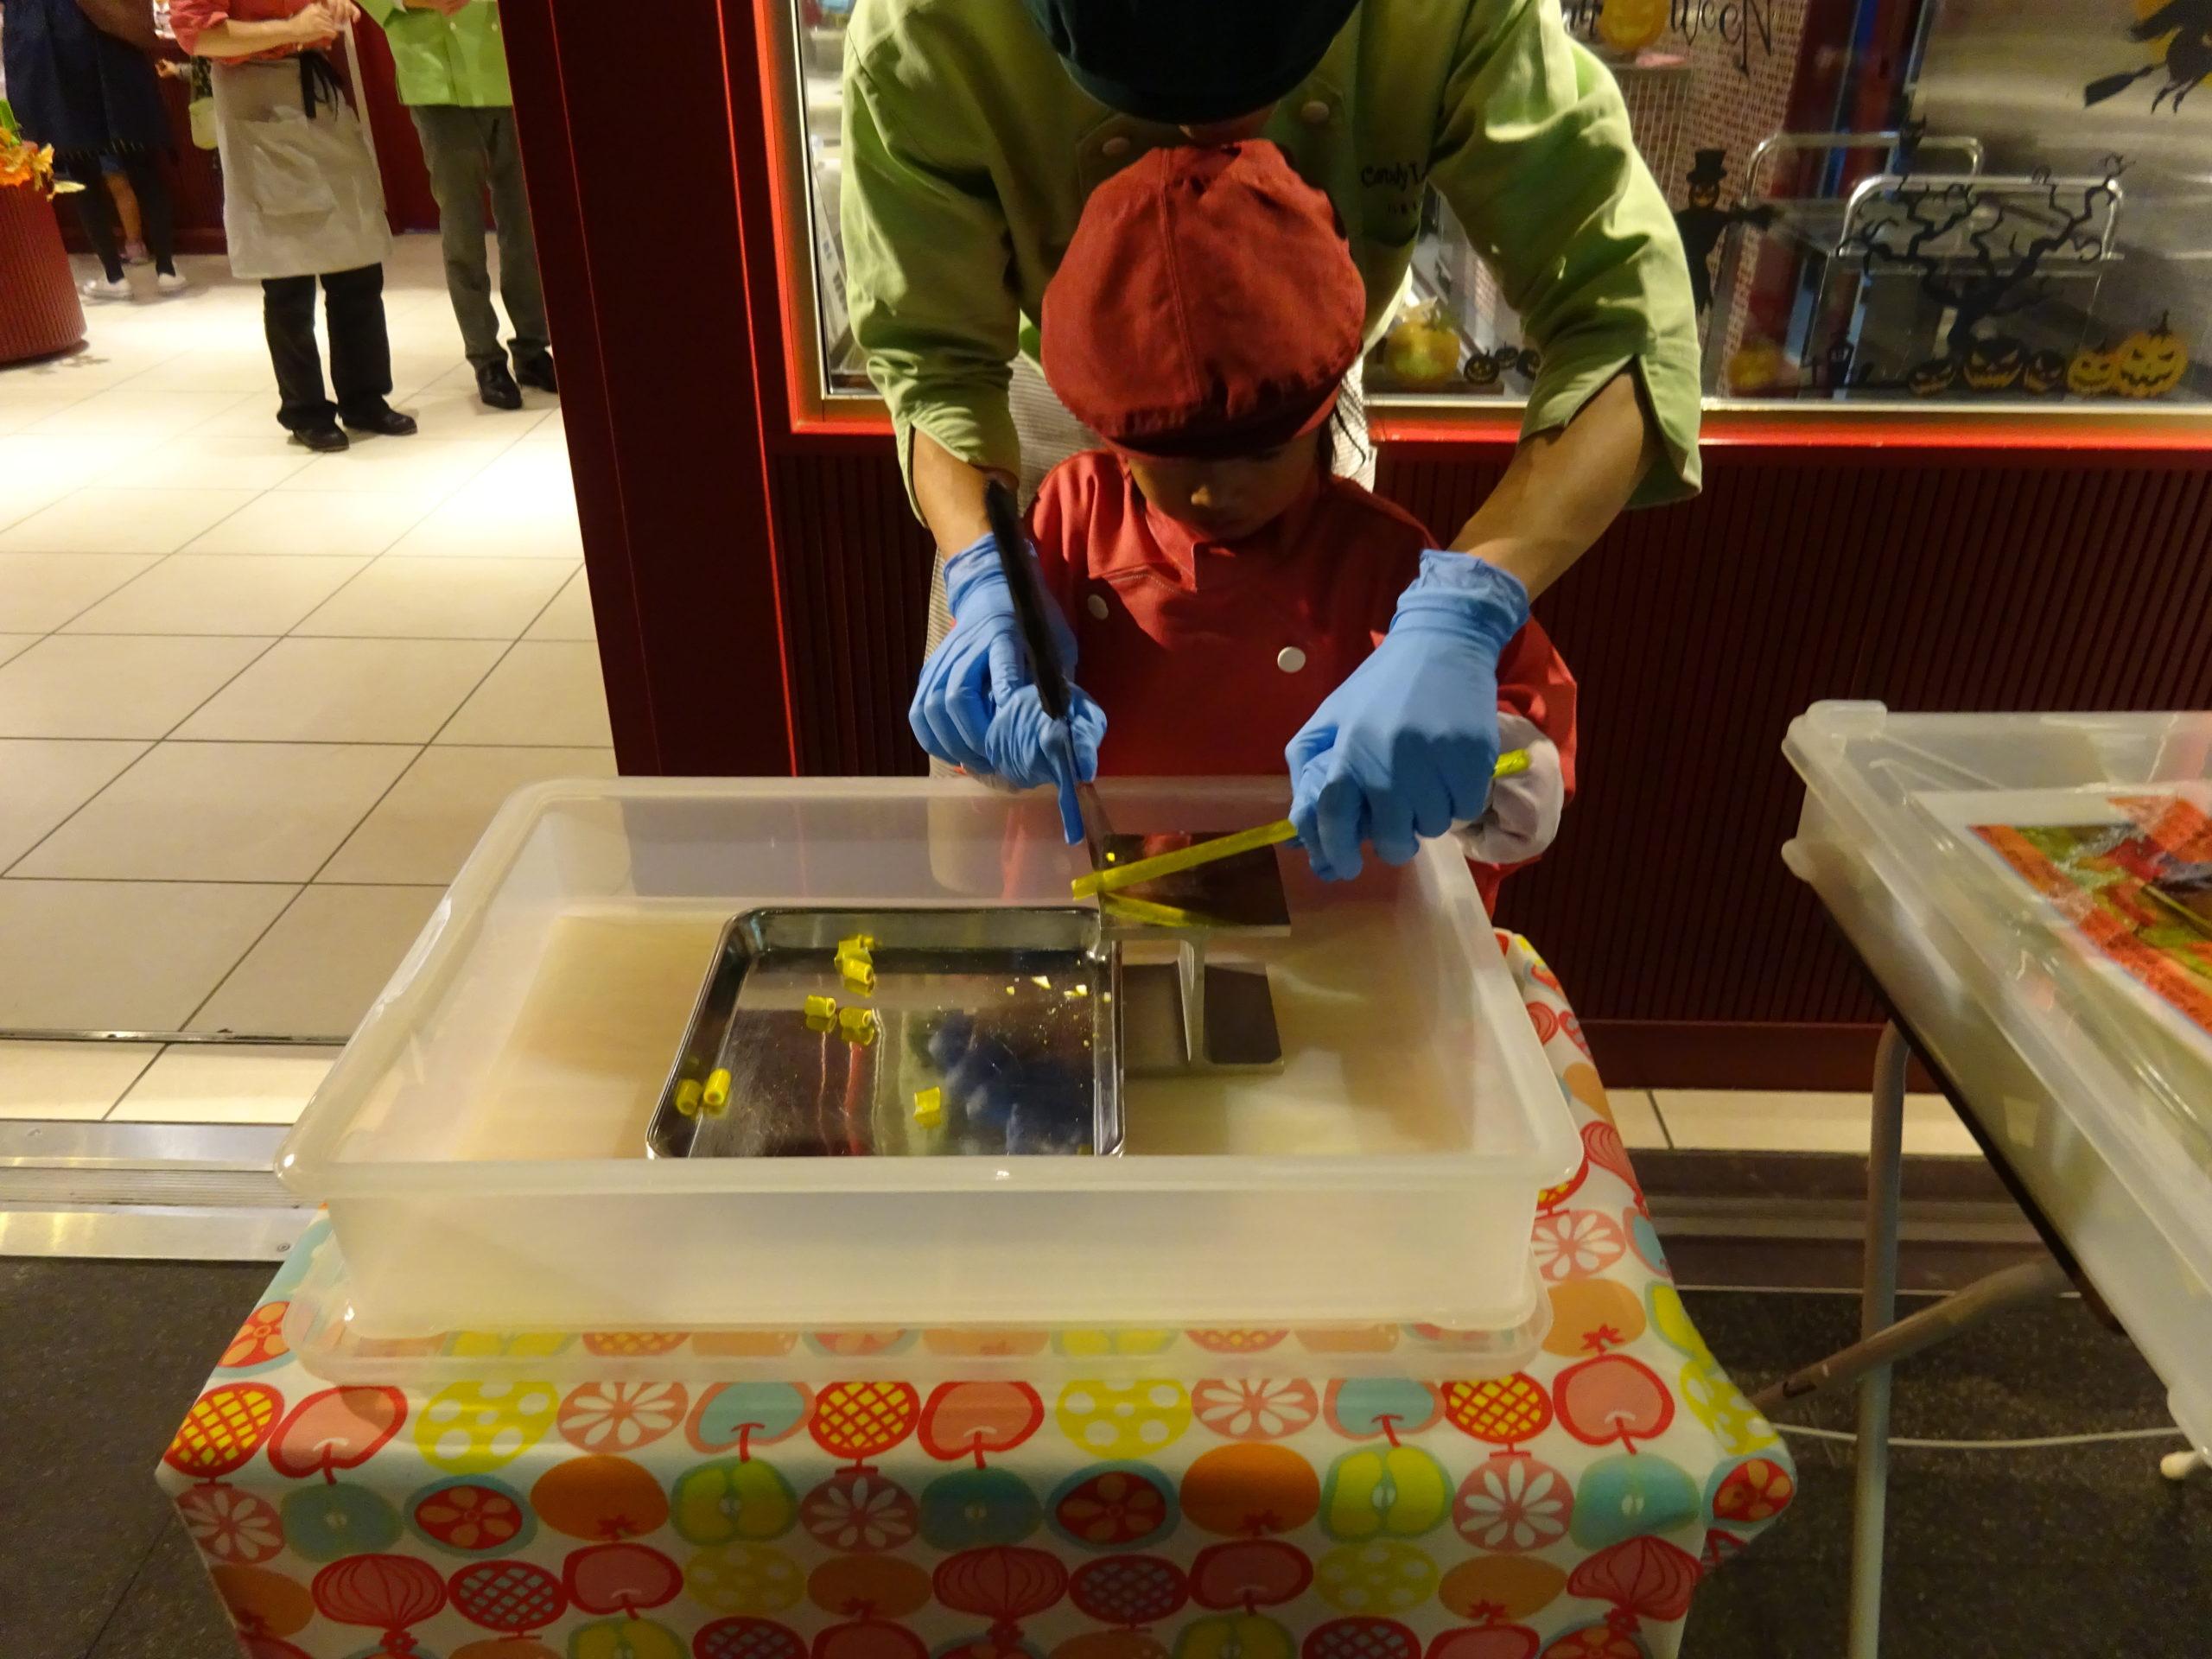 石屋製菓キャンディラボでキャンディカット体験